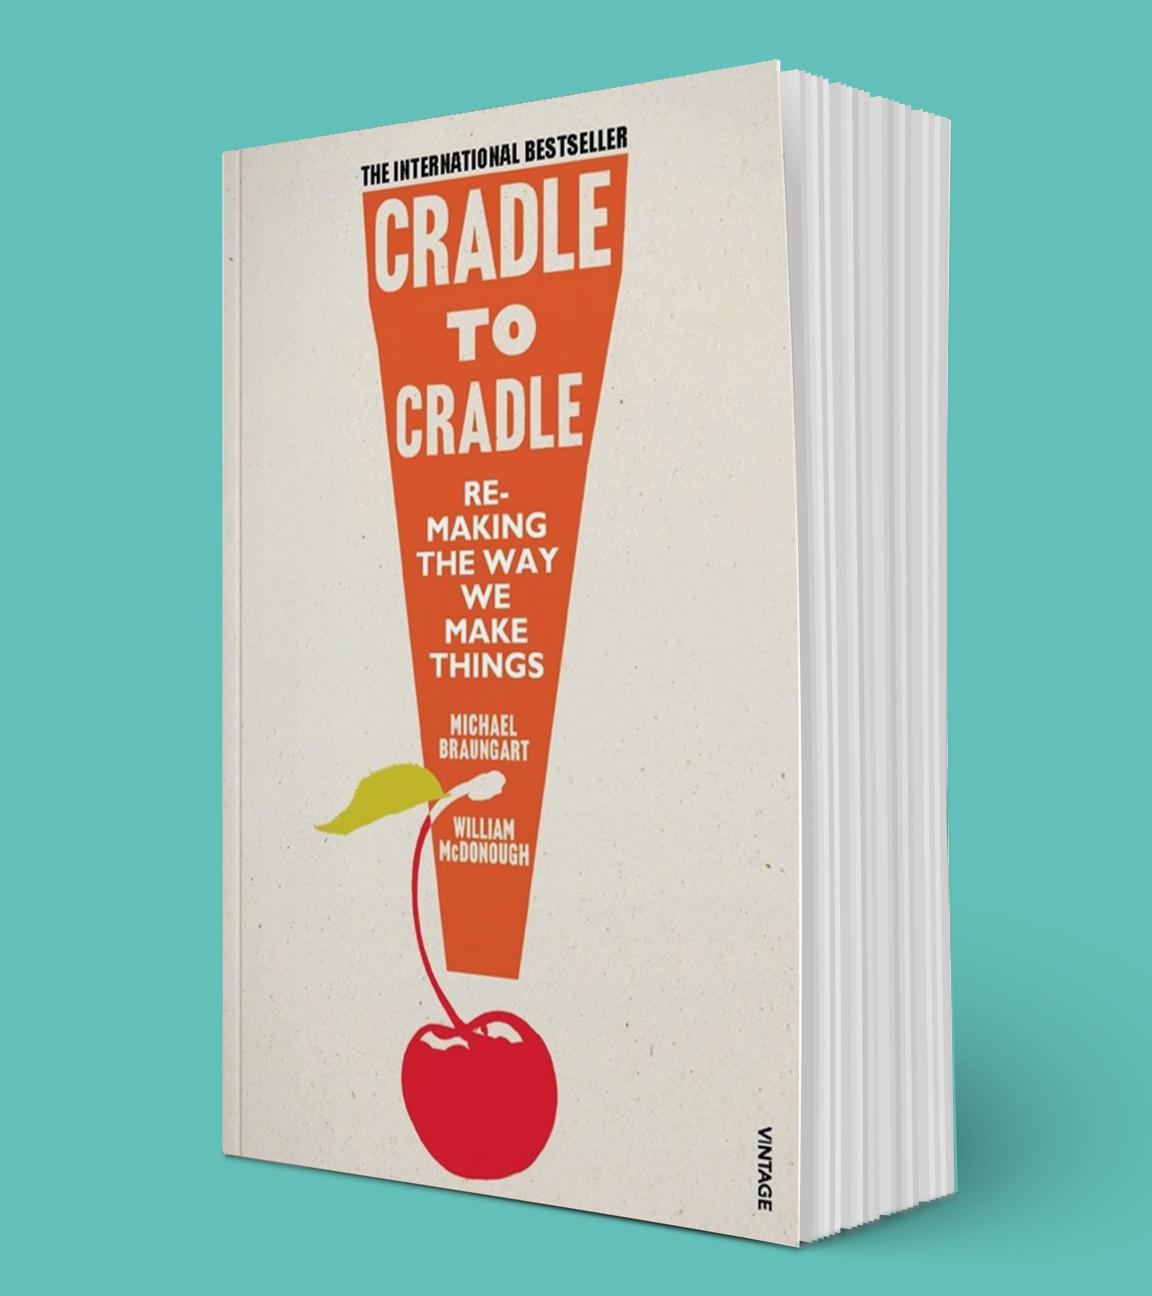 Cradle to Cradle circulaire economie